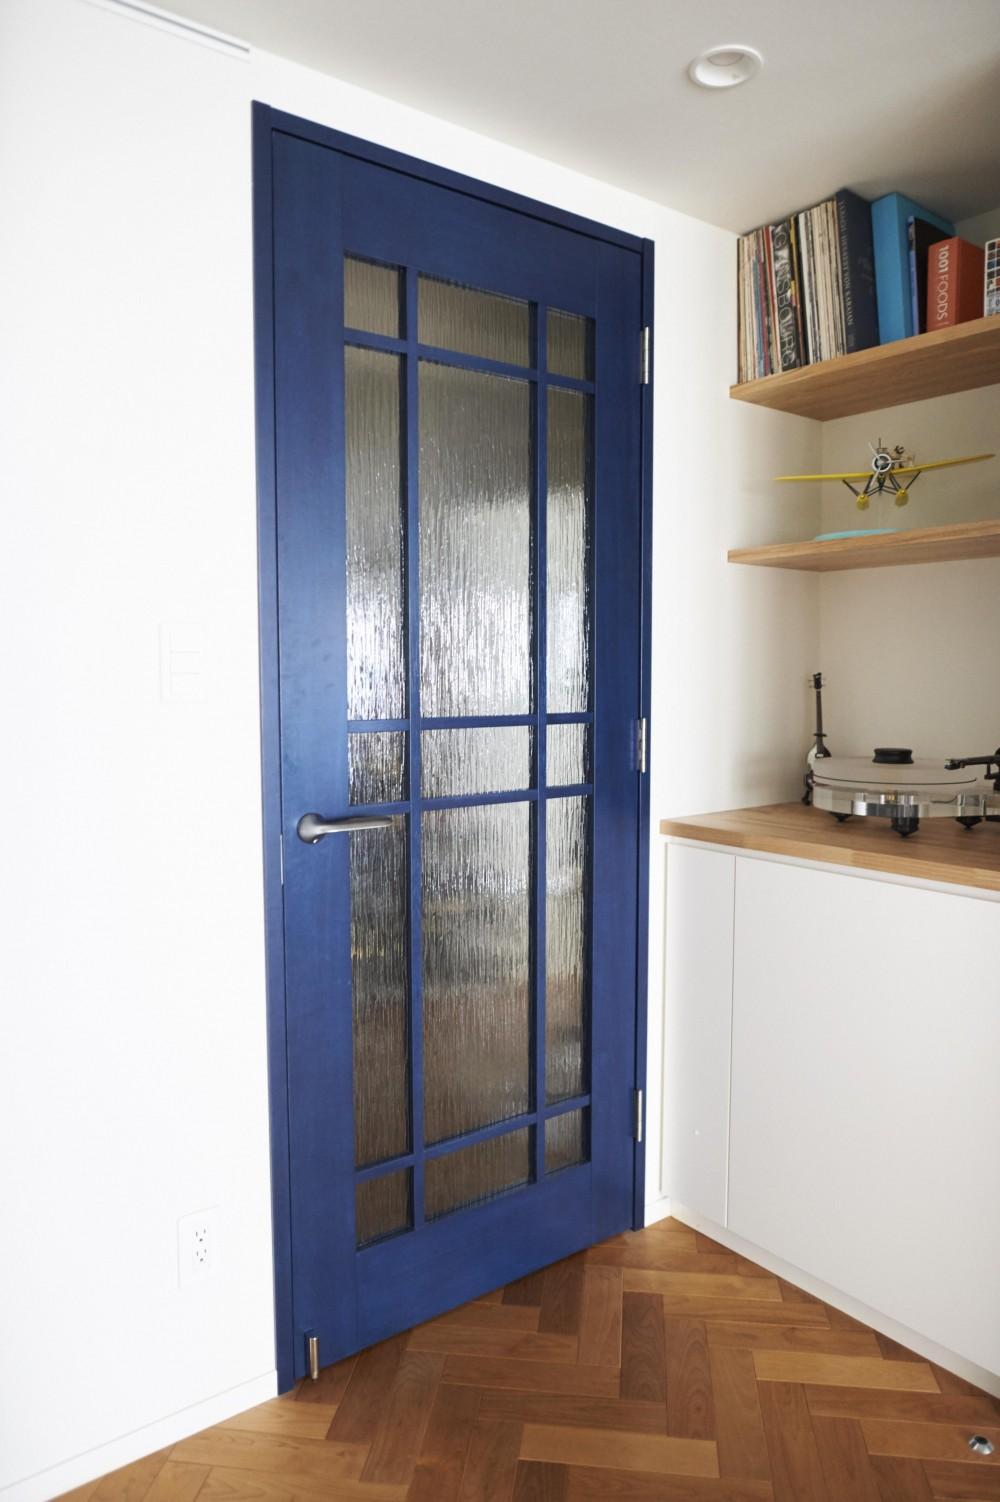 ブリュッセルのアパートメントのように、家族が心地よく過ごせる空間に暮らしたい (リビングドア)